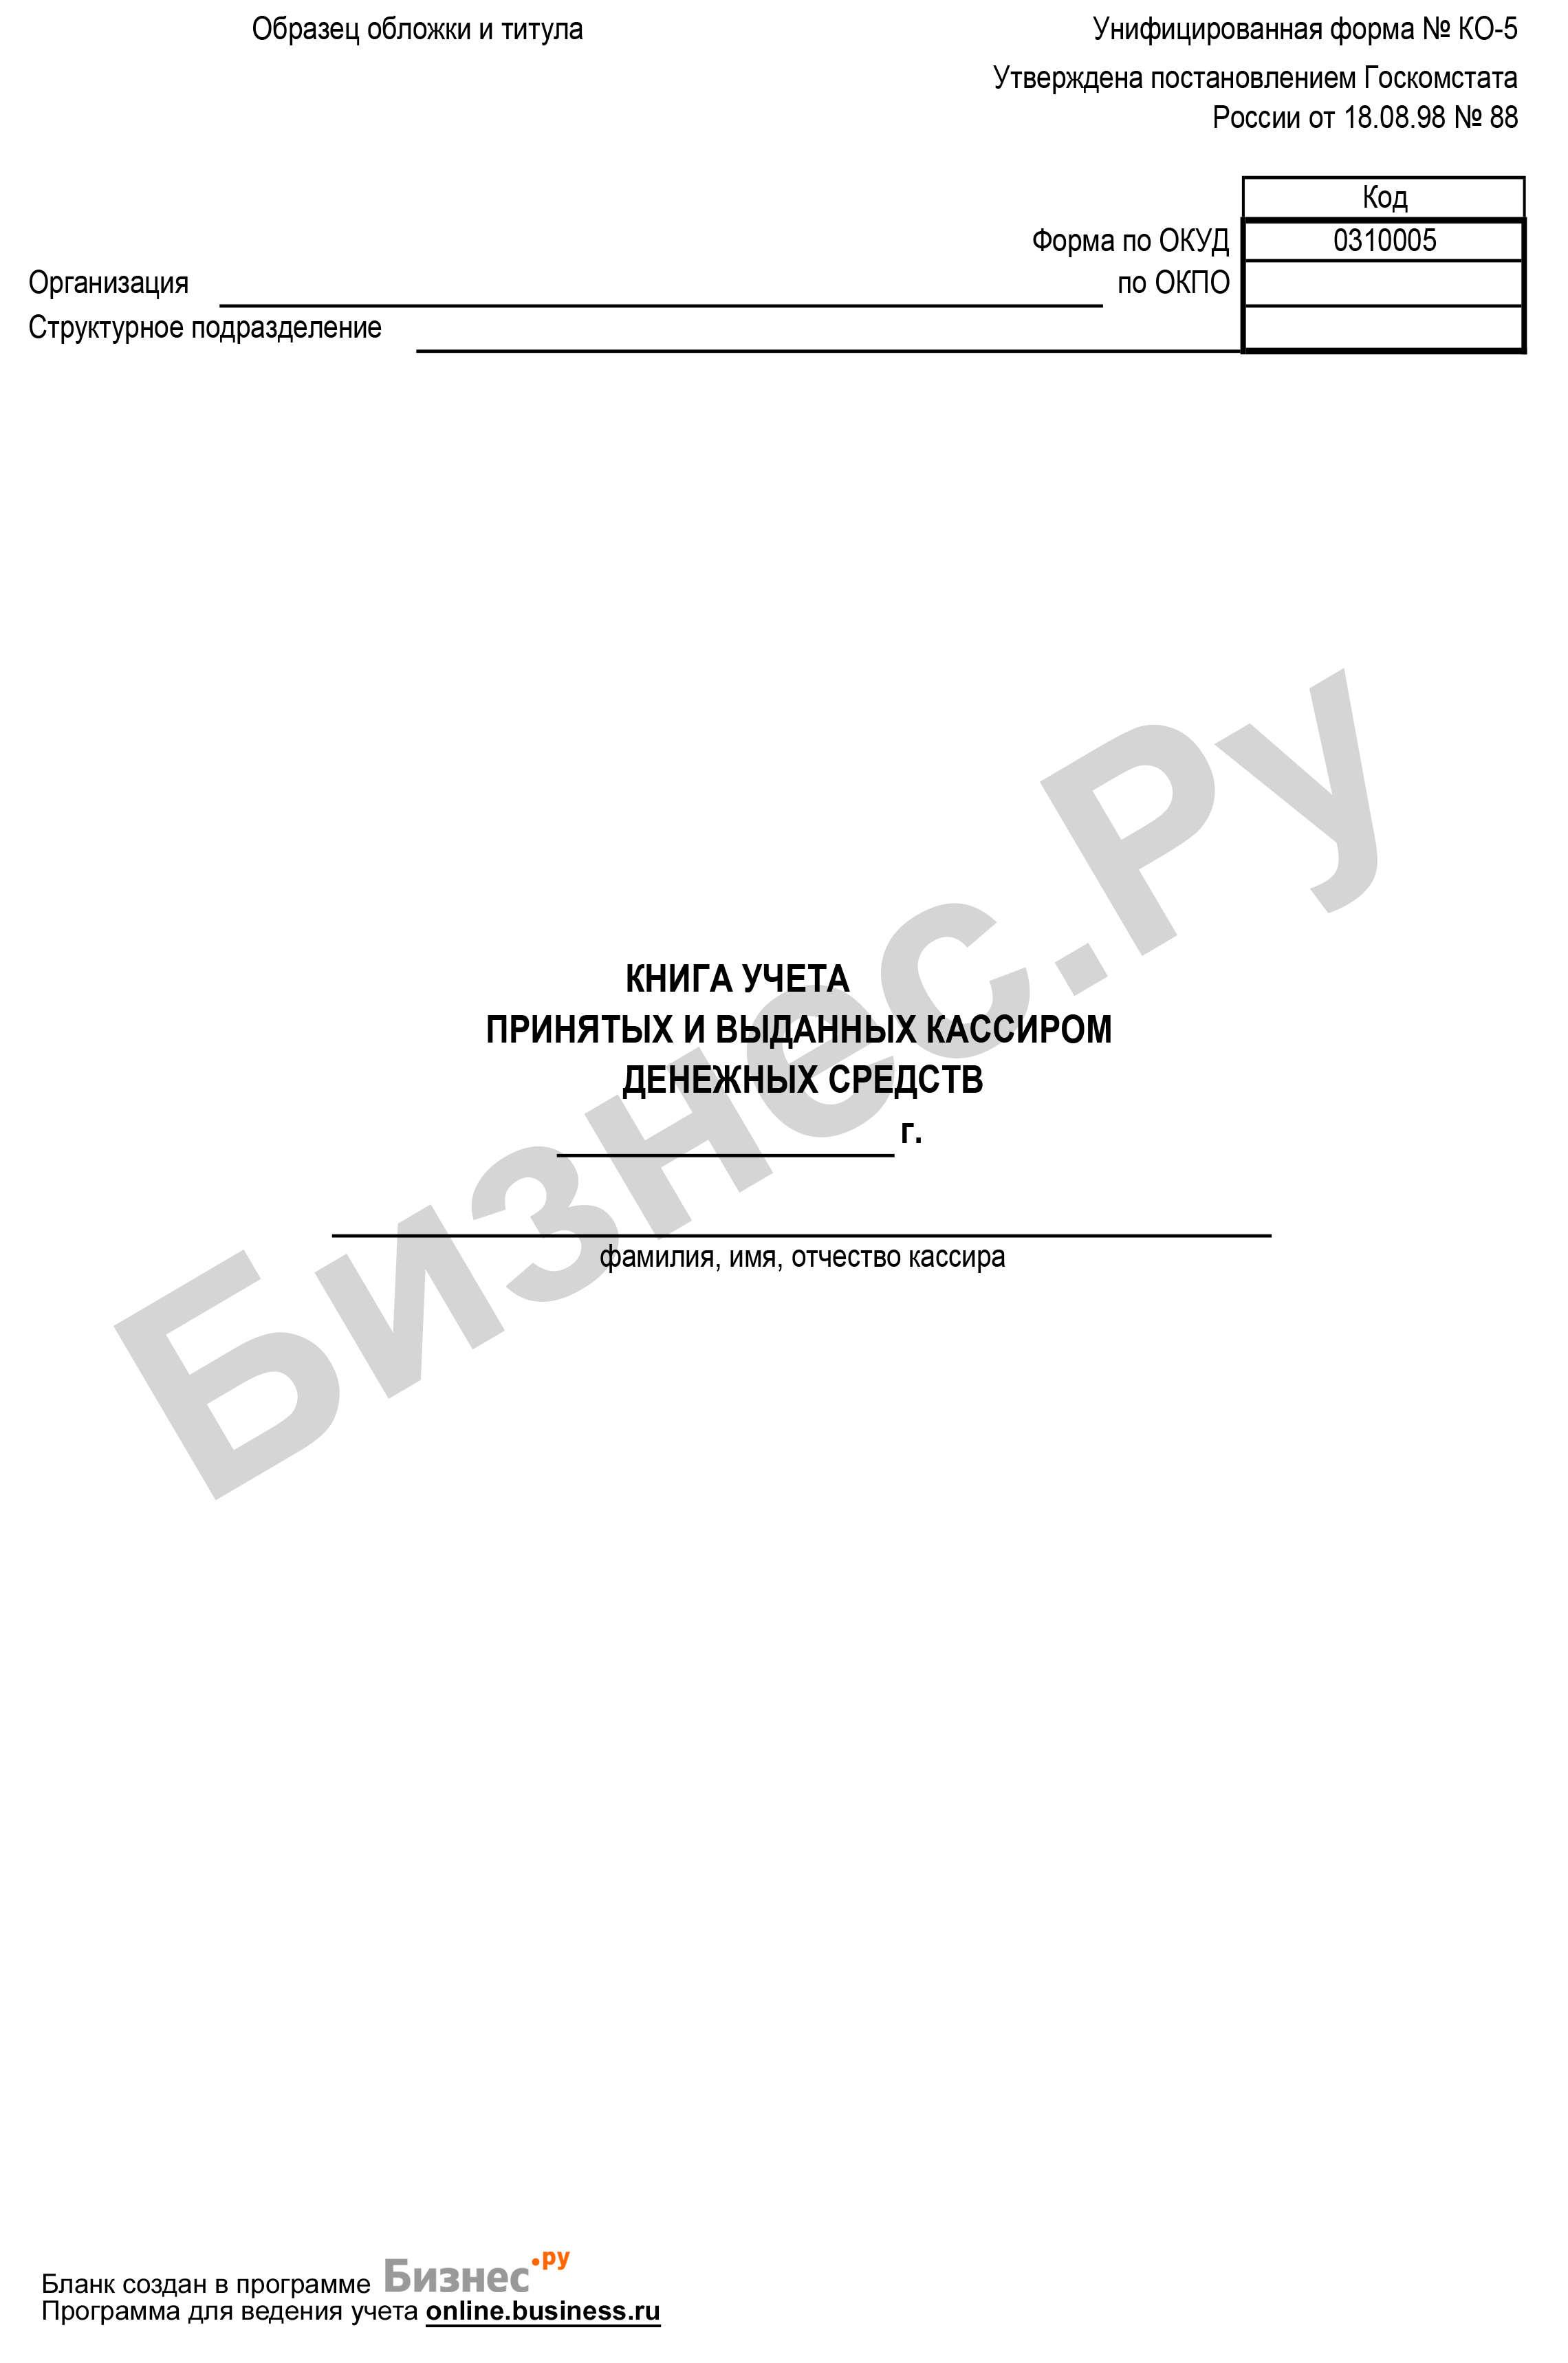 инструкция по заполнению книга учета 0310005